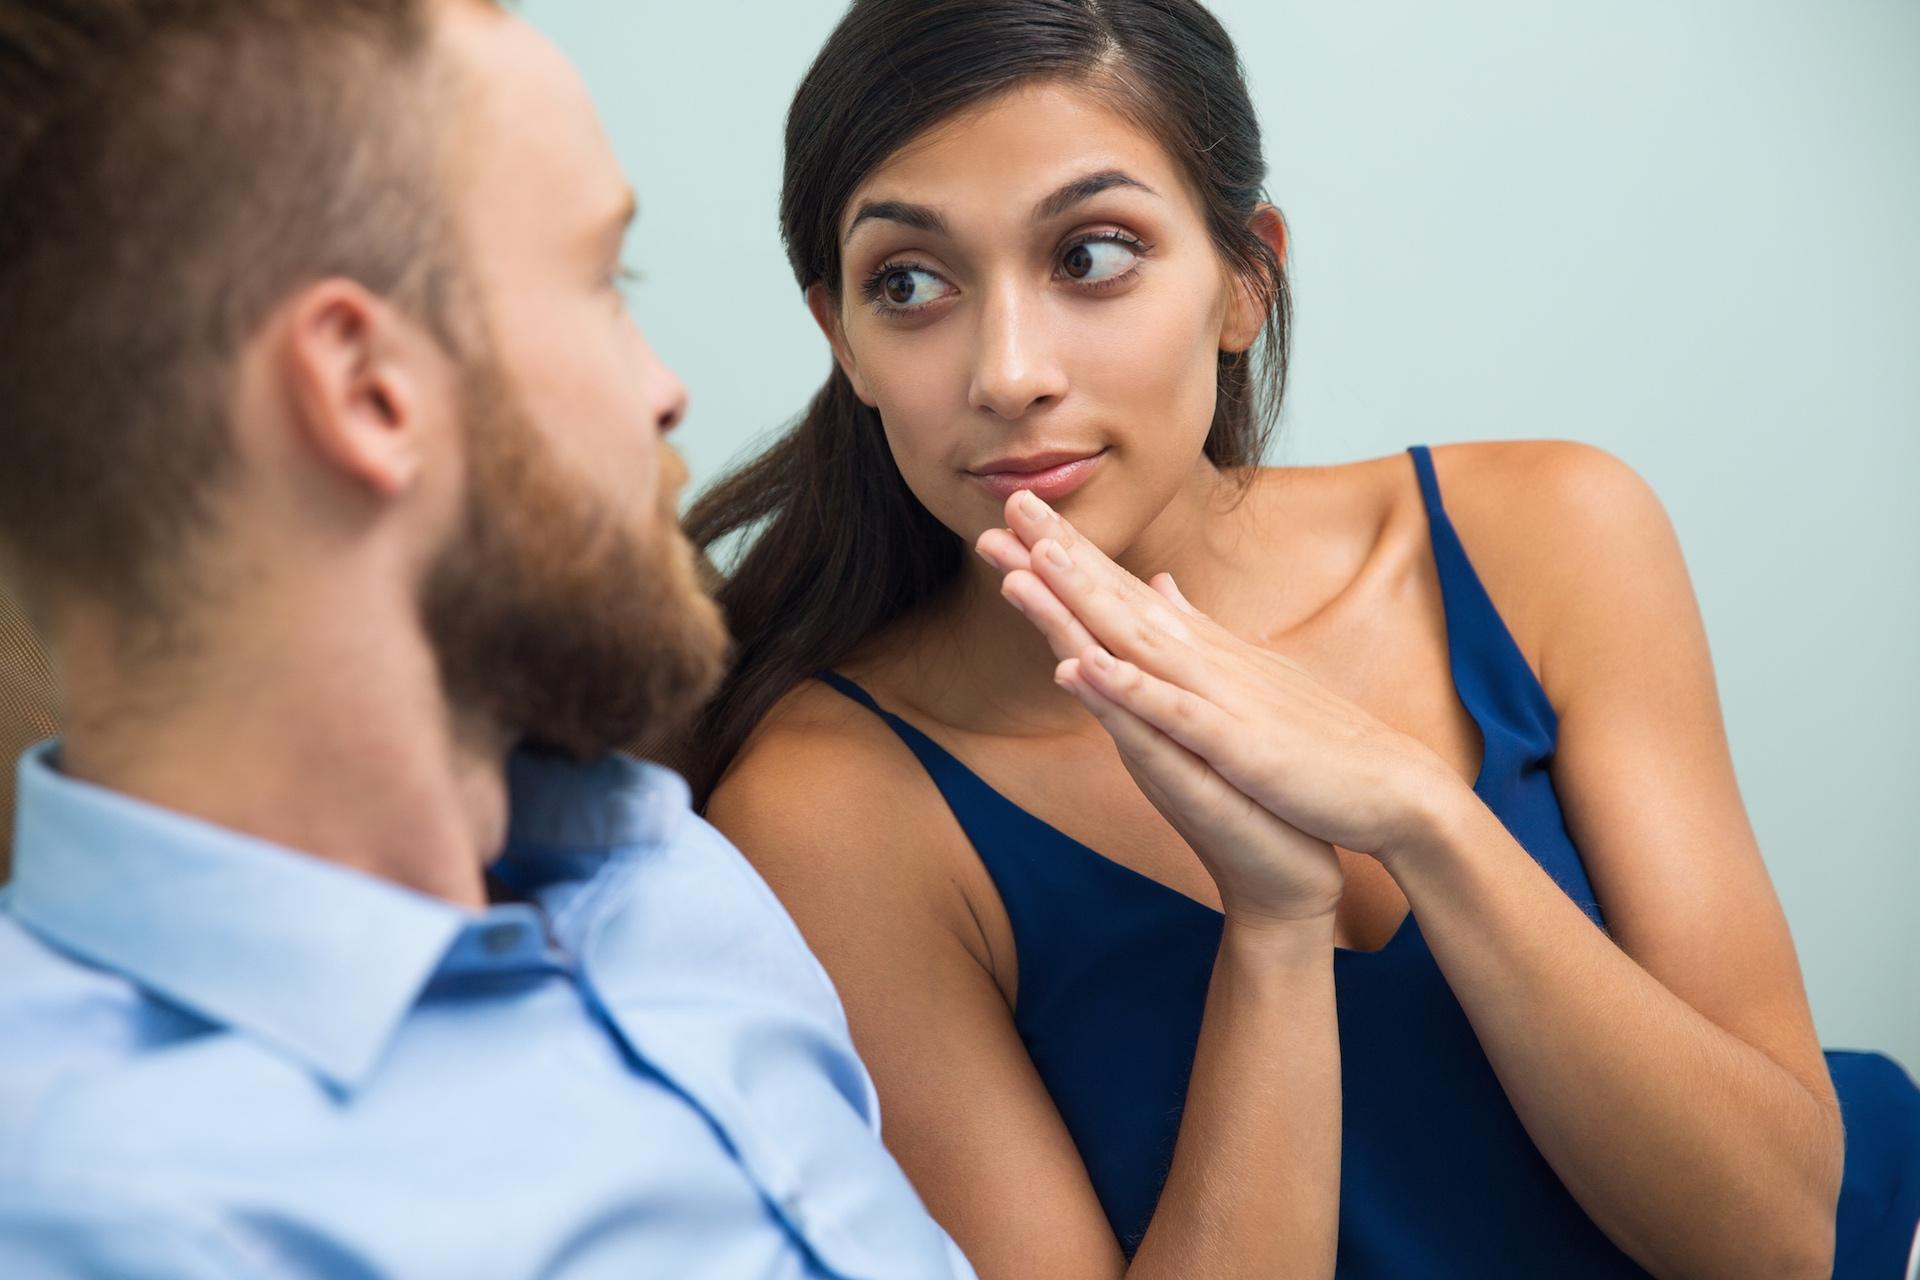 6 вещей, которых человек не должен стыдиться в обществе